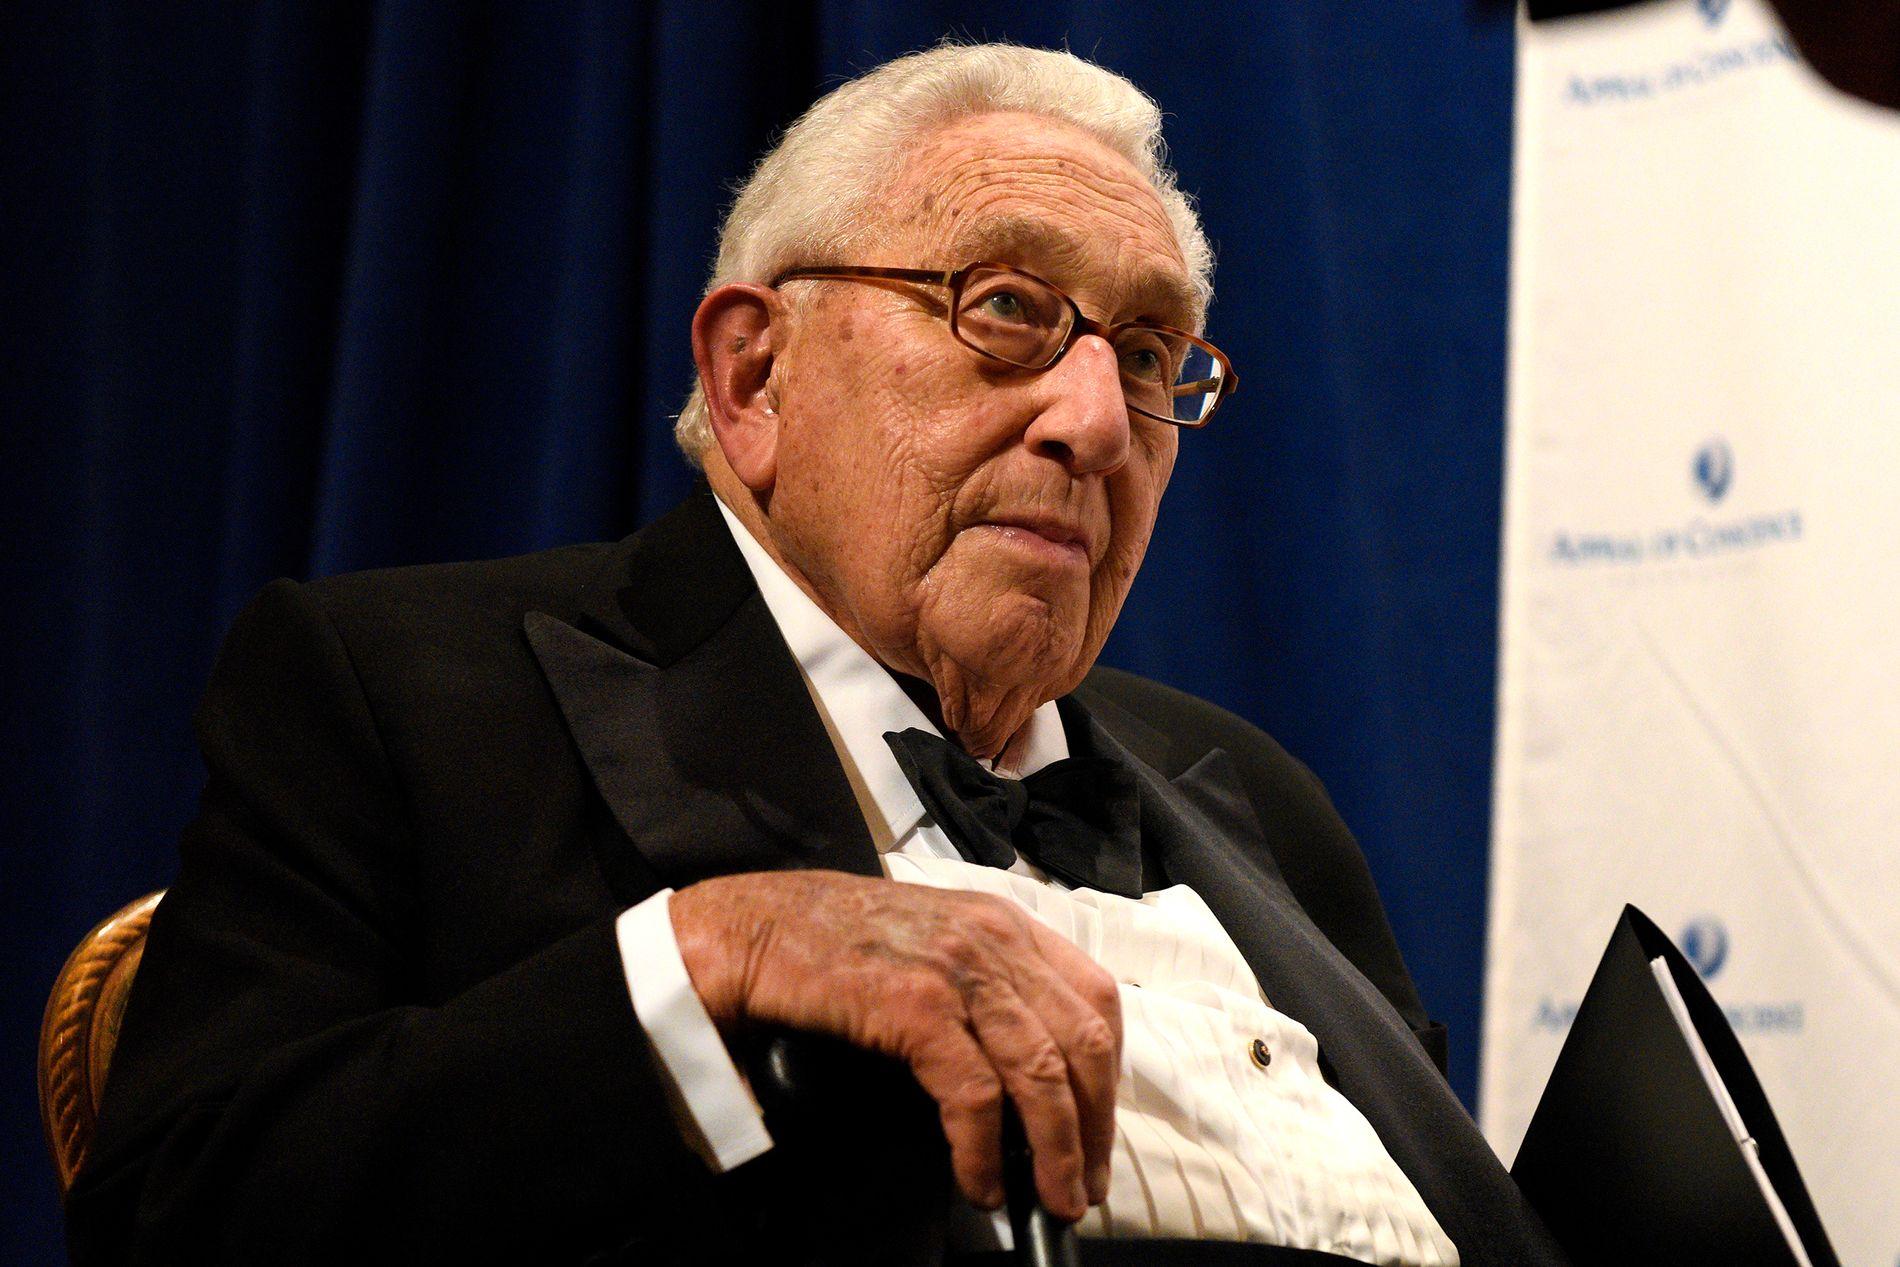 UTANRIKSMINISTER: Henry Kissinger var USAs utanriksminister frå 1973 til 1977.